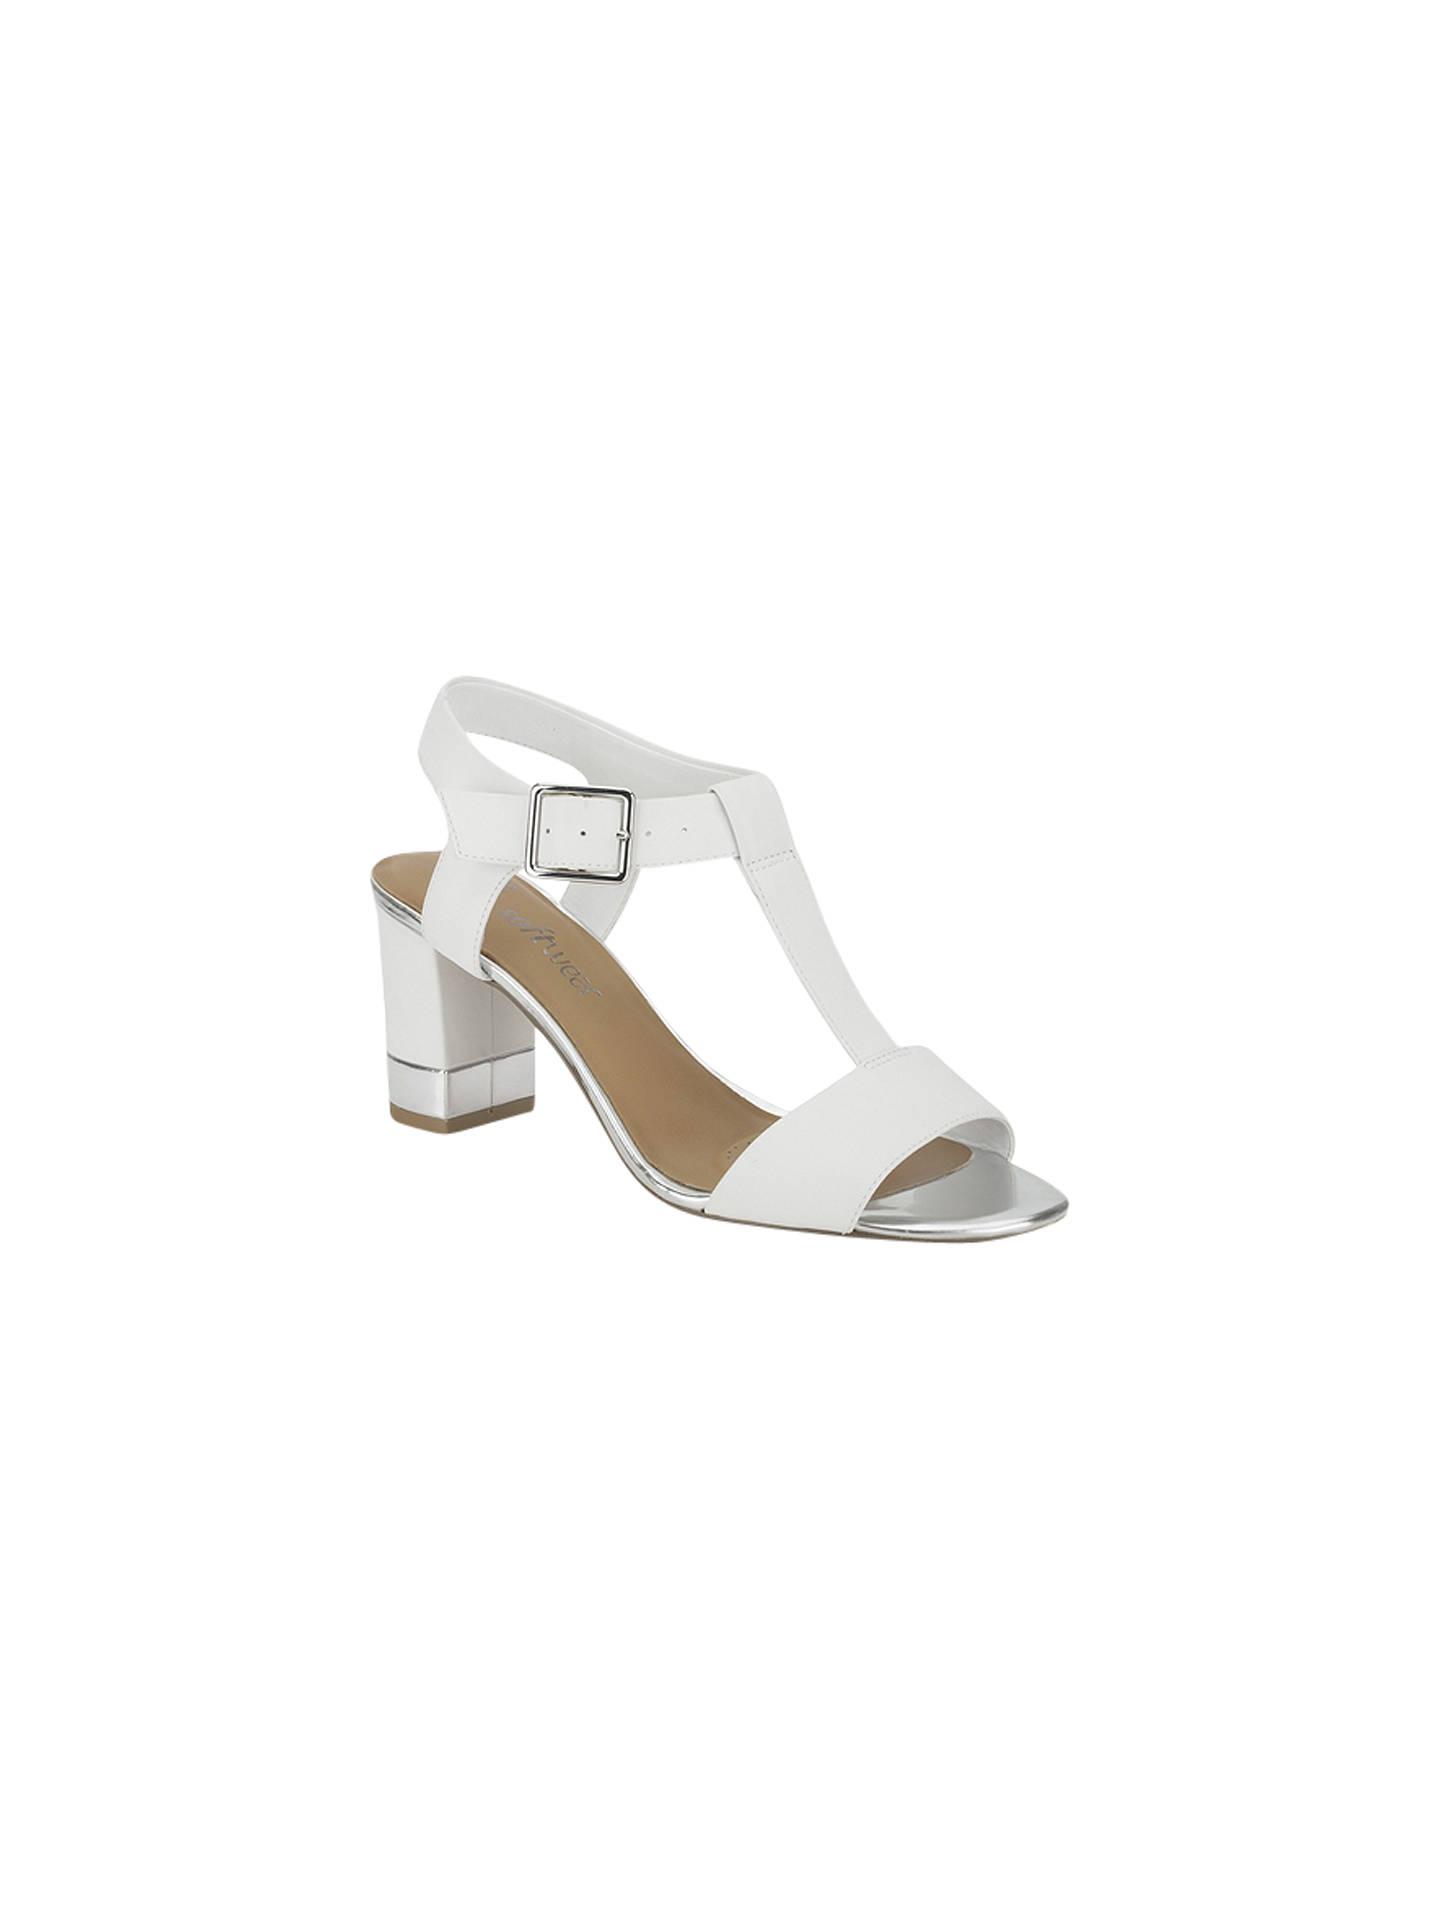 5e67a90d403 Buy Clarks Smart Deva Leather Sandals